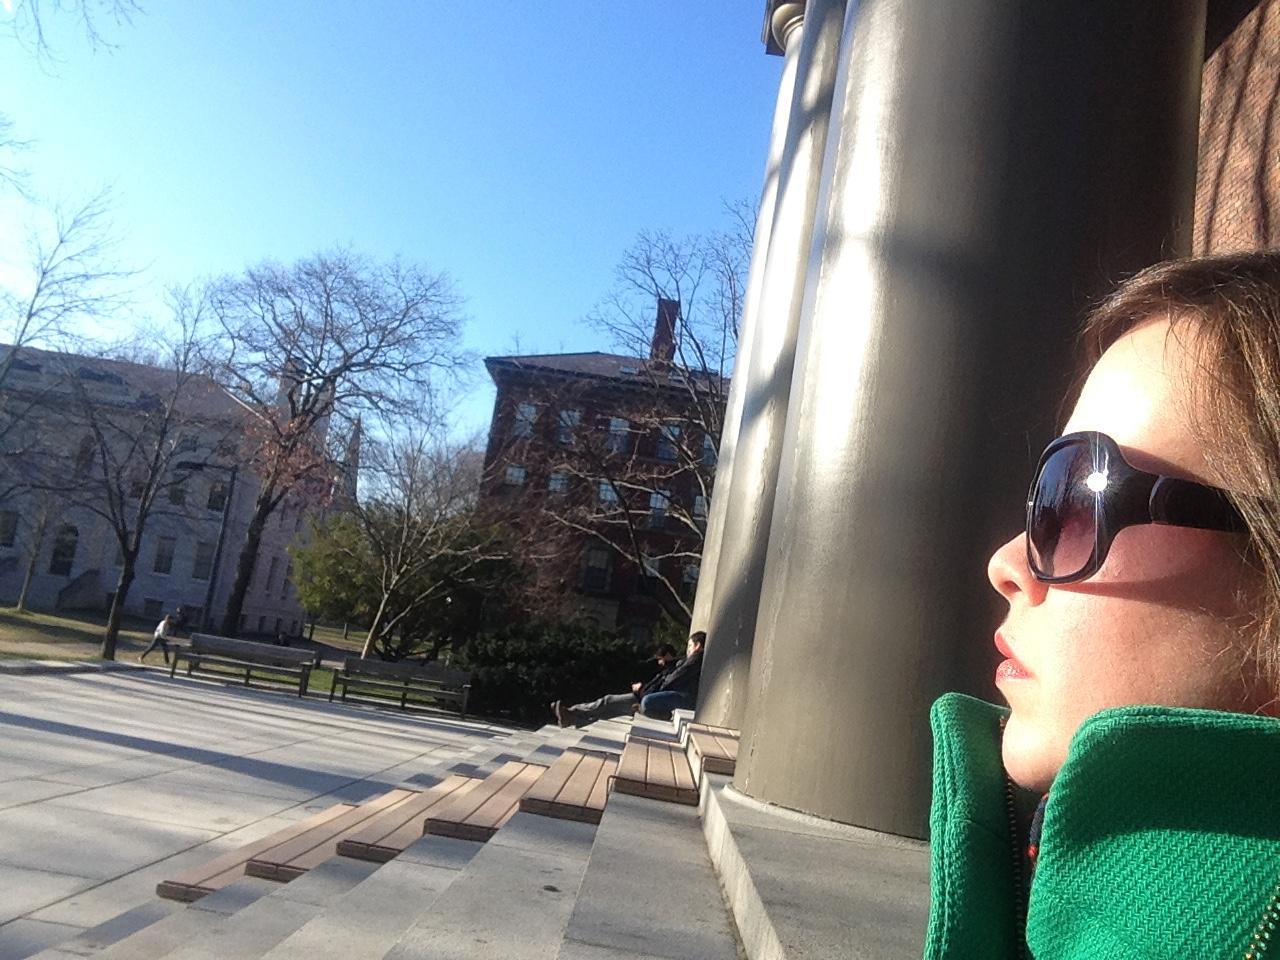 katie memorial church green coat harvard yard